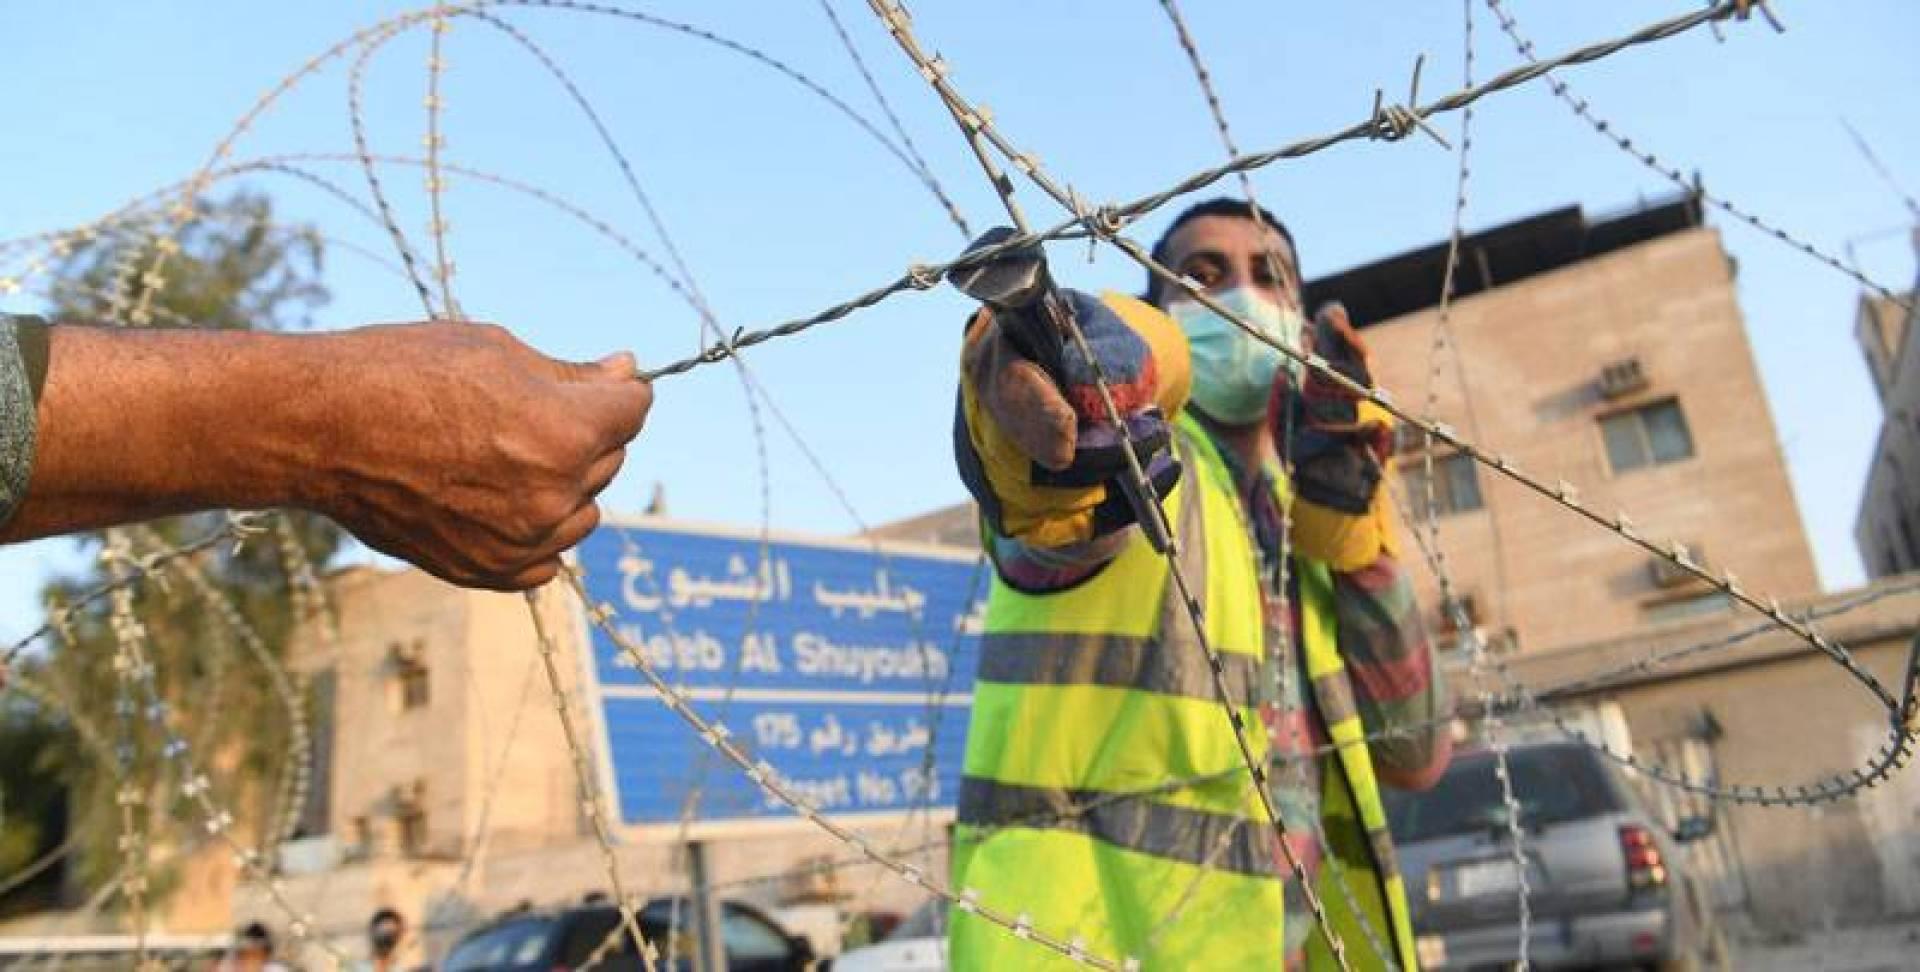 إزالة الأسلاك الشائكة (تصوير: بسام زيدان)